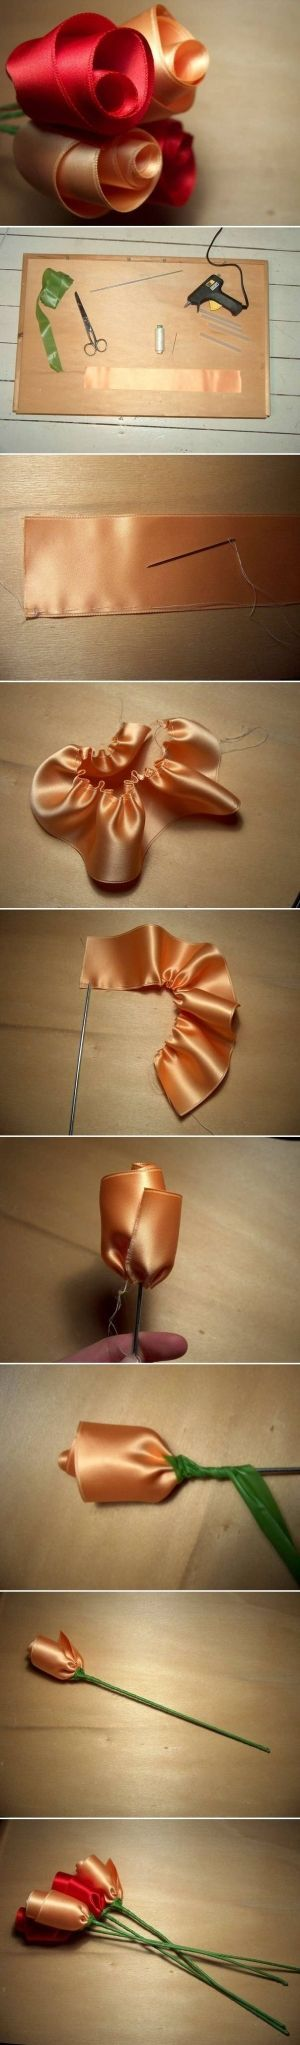 DIY Quick Satin Ribbon Roses DIY Quick Satin Ribbon Roses by diyforever